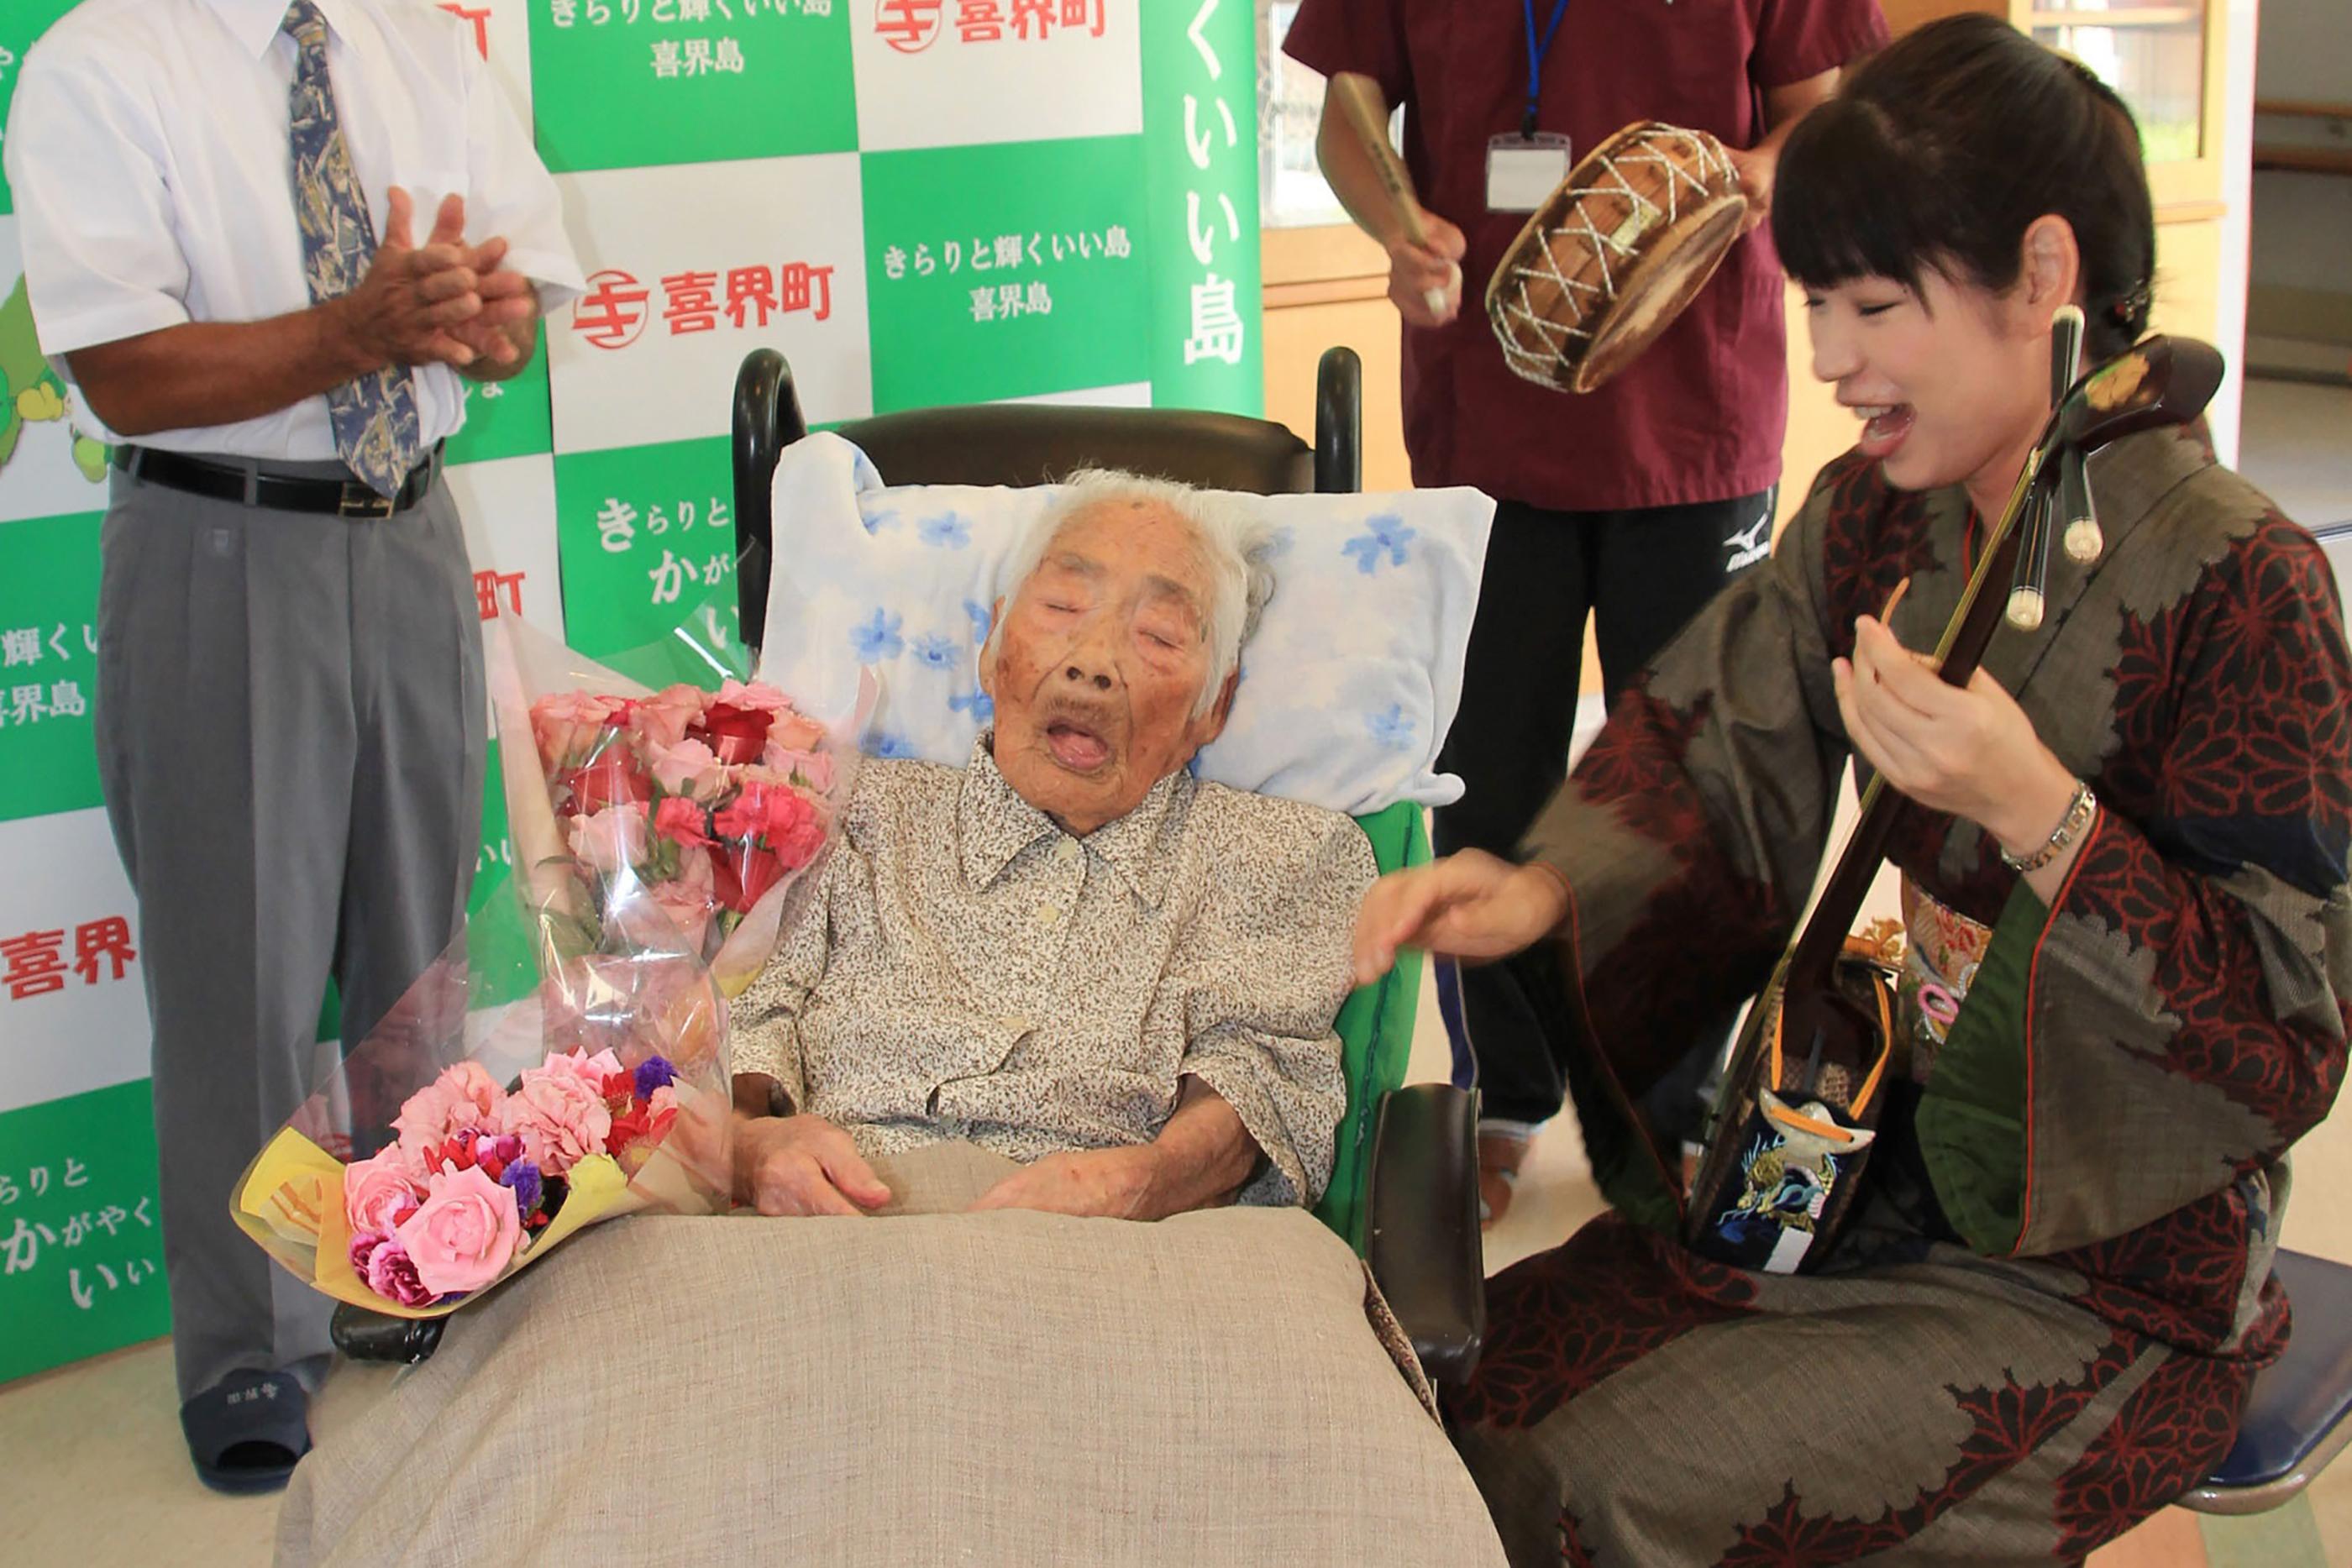 117 évesen meghalt Tadzsima Nabi, aki a világ legidősebb embere volt